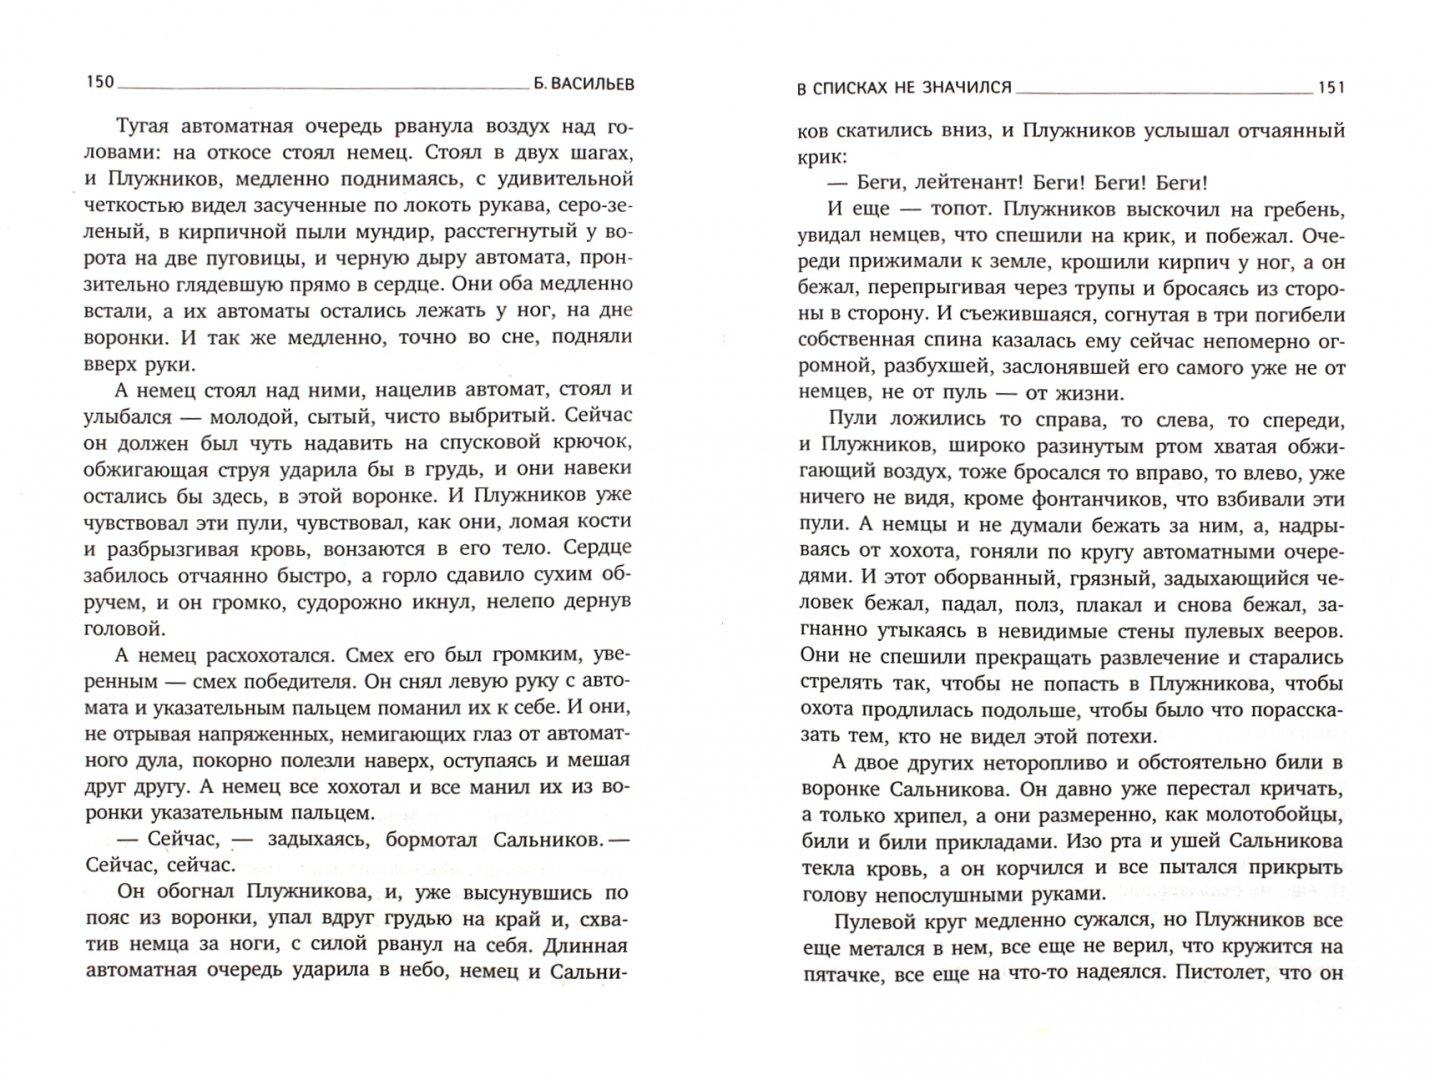 Иллюстрация 1 из 6 для В списках не значился - Борис Васильев | Лабиринт - книги. Источник: Лабиринт